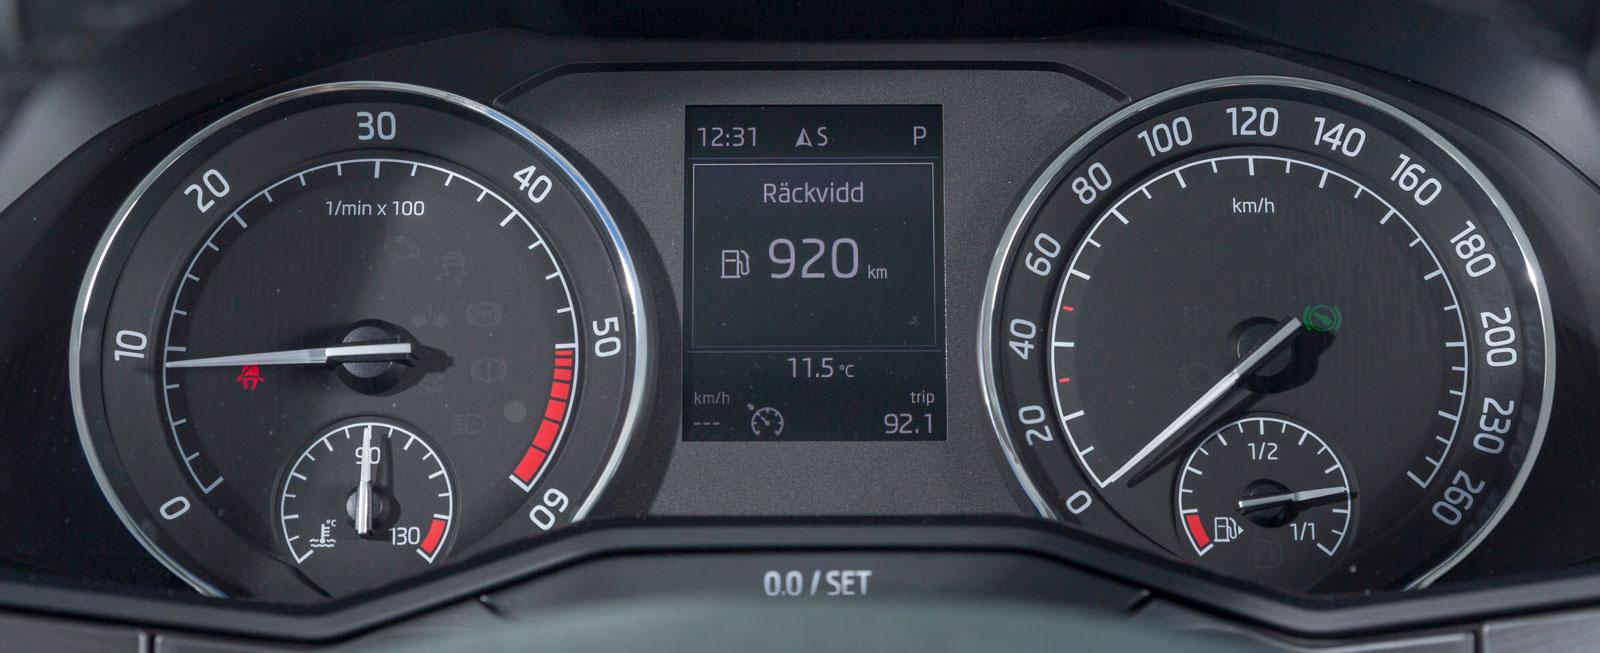 """Skodas instrument är i grunden exakt desamma som i VW Passat. Men mätartavlorna sitter inte i lika djupa """"holkar"""" och har en helt annan grafik."""